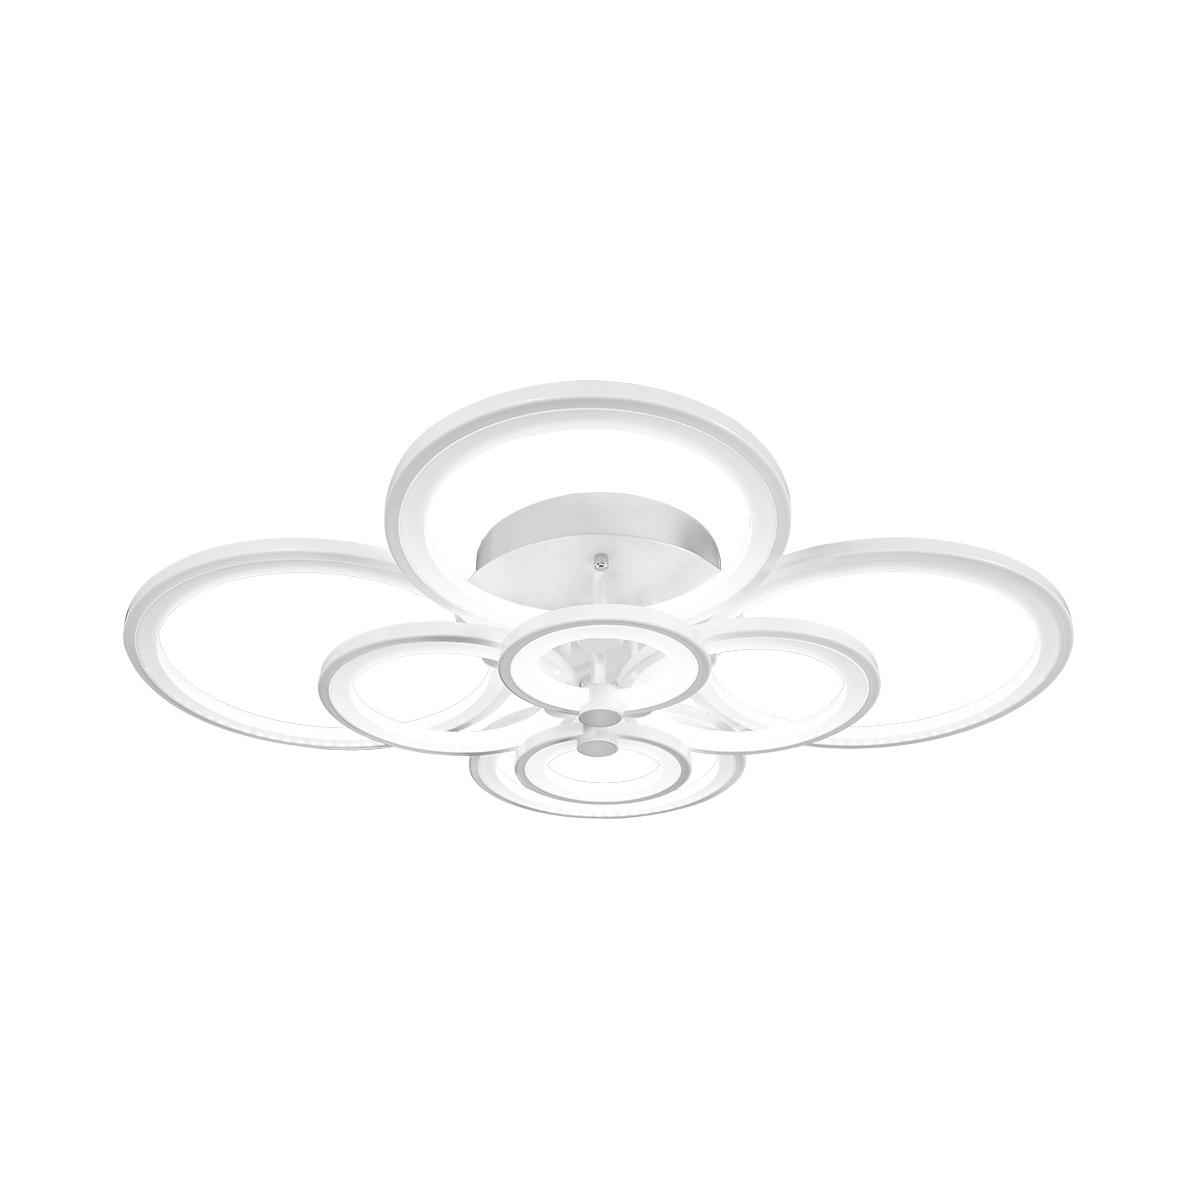 Светильник потолочный FedericaЛюстры потолочные<br>Светодиодный потолочный светильник Federica 388/8A-White IDLAMP, в стиле Хай-Тек, цвет арматуры Белый. Светильник со встроенной светодиодной матрицей общей мощностью 102 W (Эквивалент лампы накаливания 714 W). Цветовая температура 4000-4200К. <br>Светильник поставляется в собранном виде и имеет в комплекте все необходимые для монтажа крепежные элементы.&amp;lt;div&amp;gt;&amp;lt;br&amp;gt;&amp;lt;/div&amp;gt;&amp;lt;div&amp;gt;&amp;lt;div&amp;gt;Цоколь: LED&amp;lt;/div&amp;gt;&amp;lt;div&amp;gt;Мощность лампы: 102W&amp;lt;/div&amp;gt;&amp;lt;div&amp;gt;Количество ламп: 8&amp;lt;/div&amp;gt;&amp;lt;/div&amp;gt;<br><br>Material: Металл<br>Width см: 103<br>Depth см: 86<br>Height см: 21